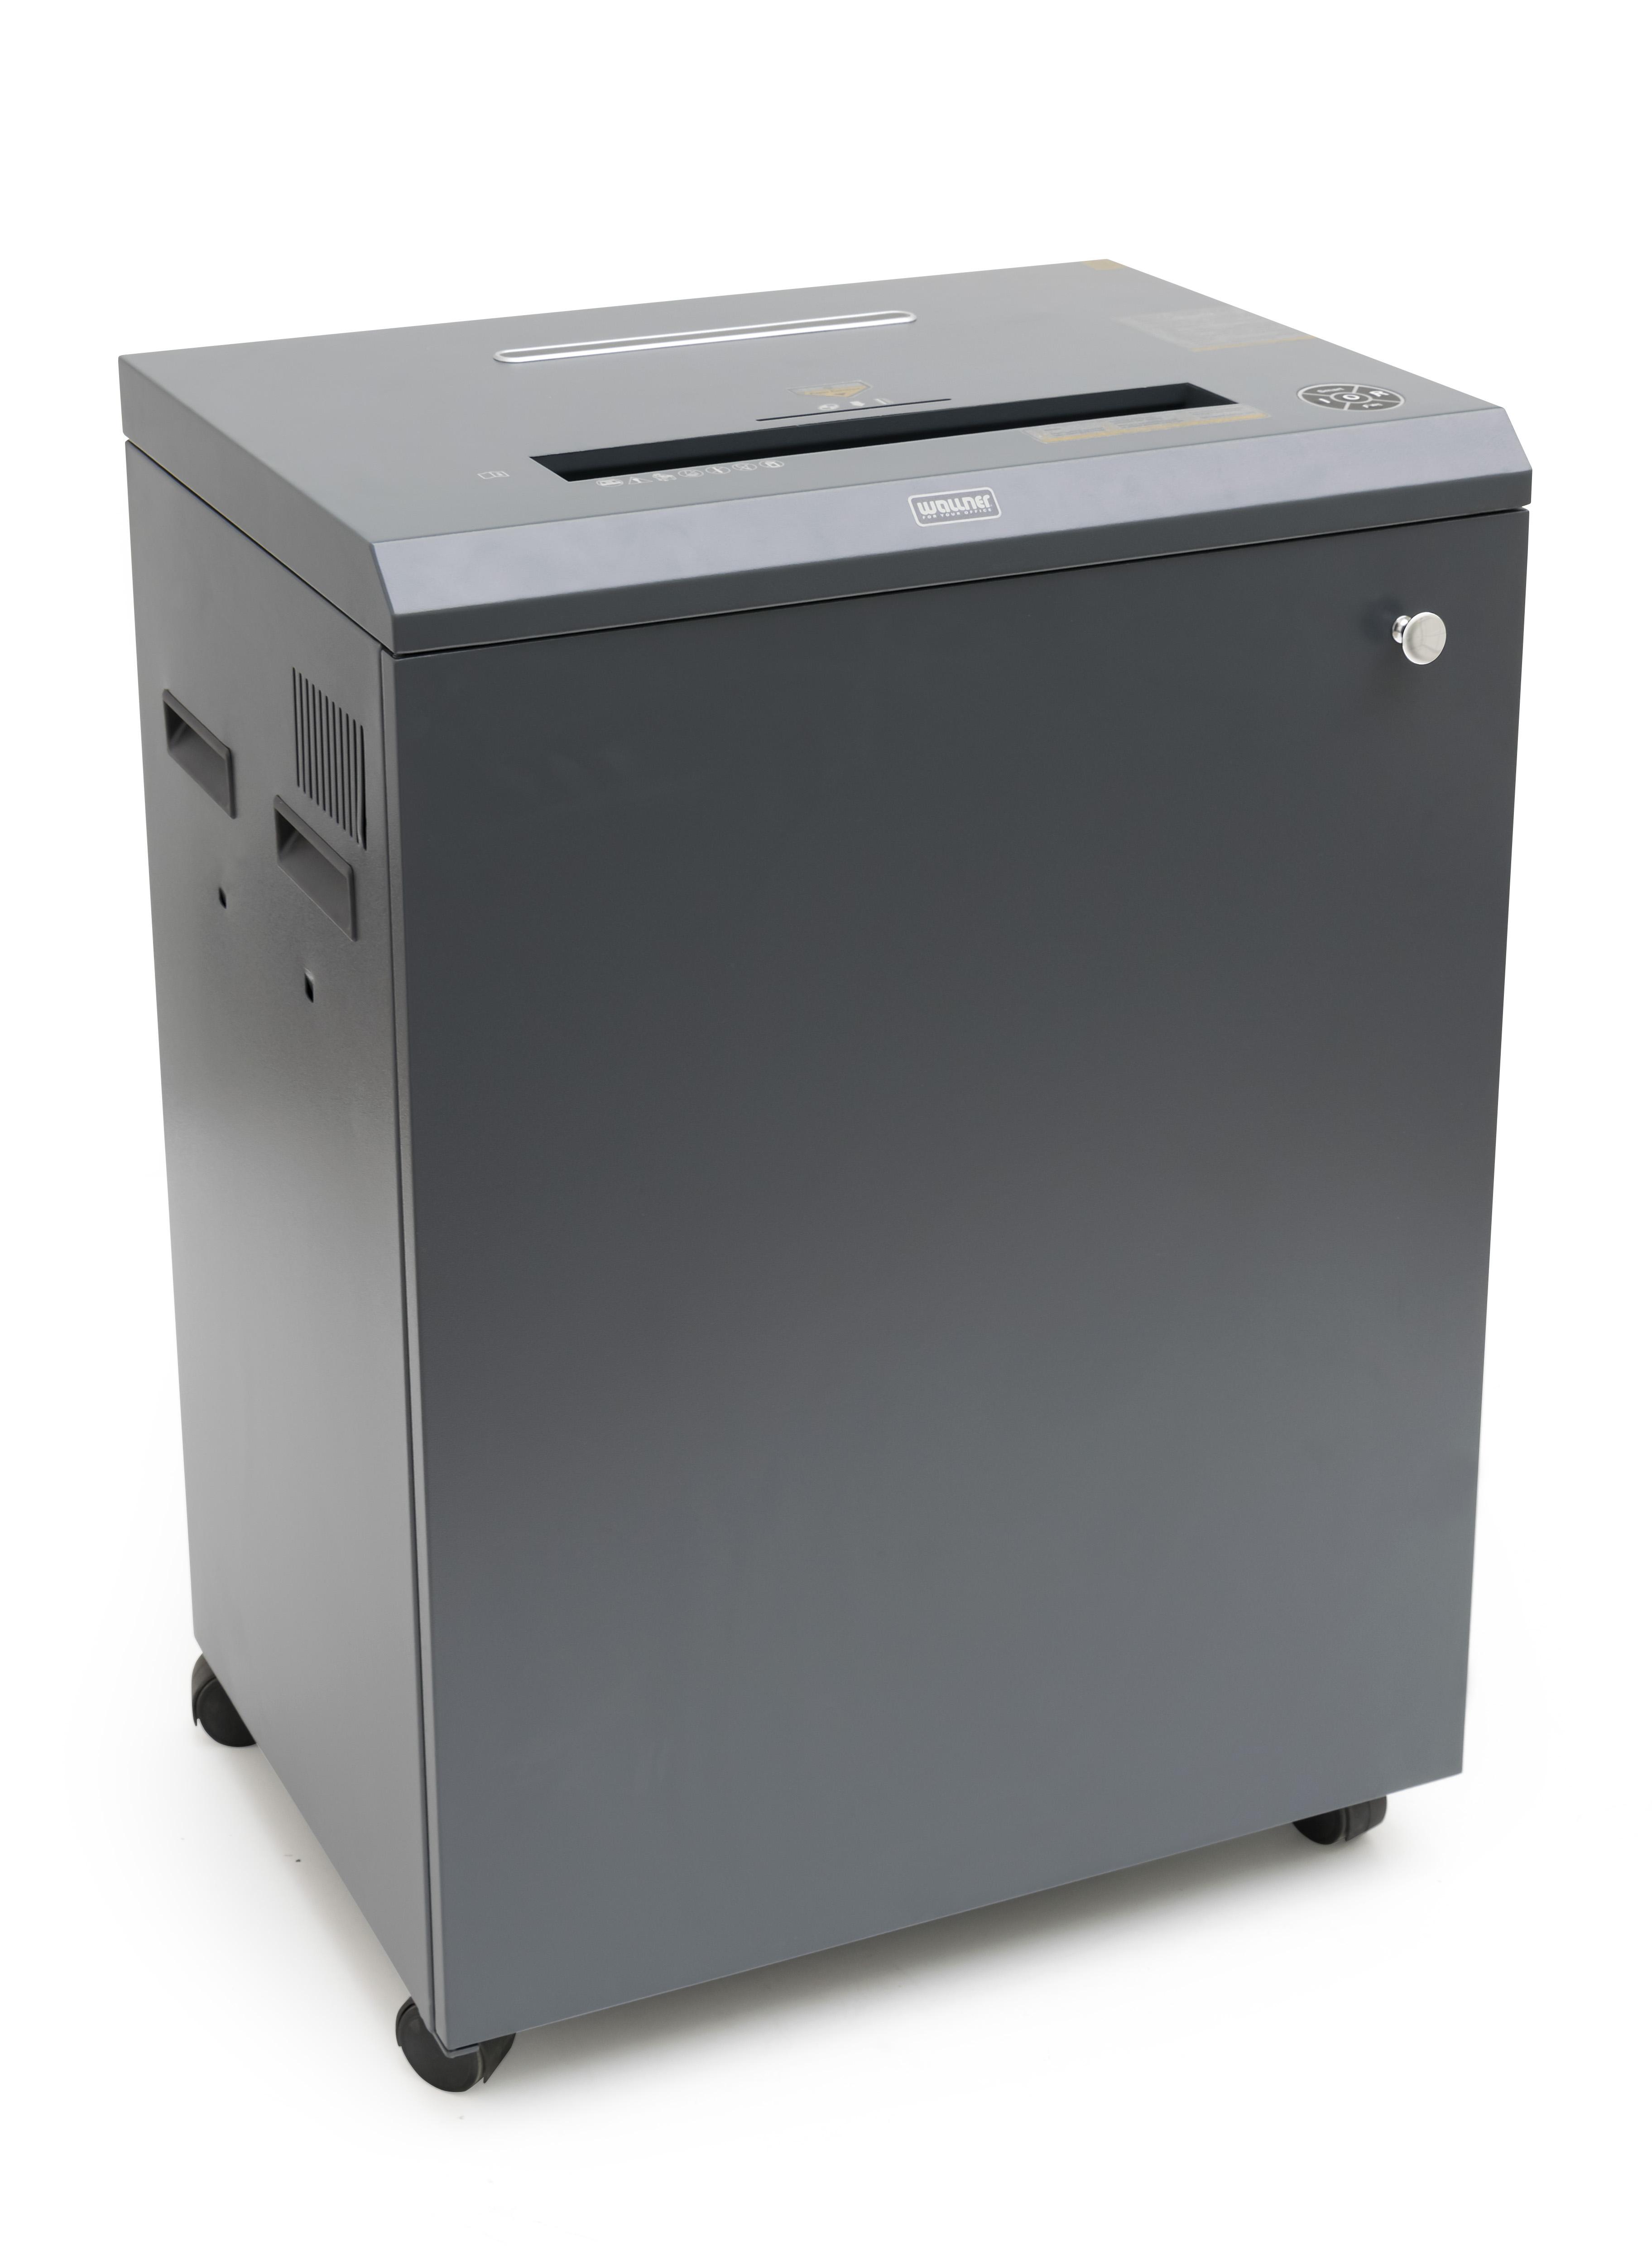 wallner-jp-500c